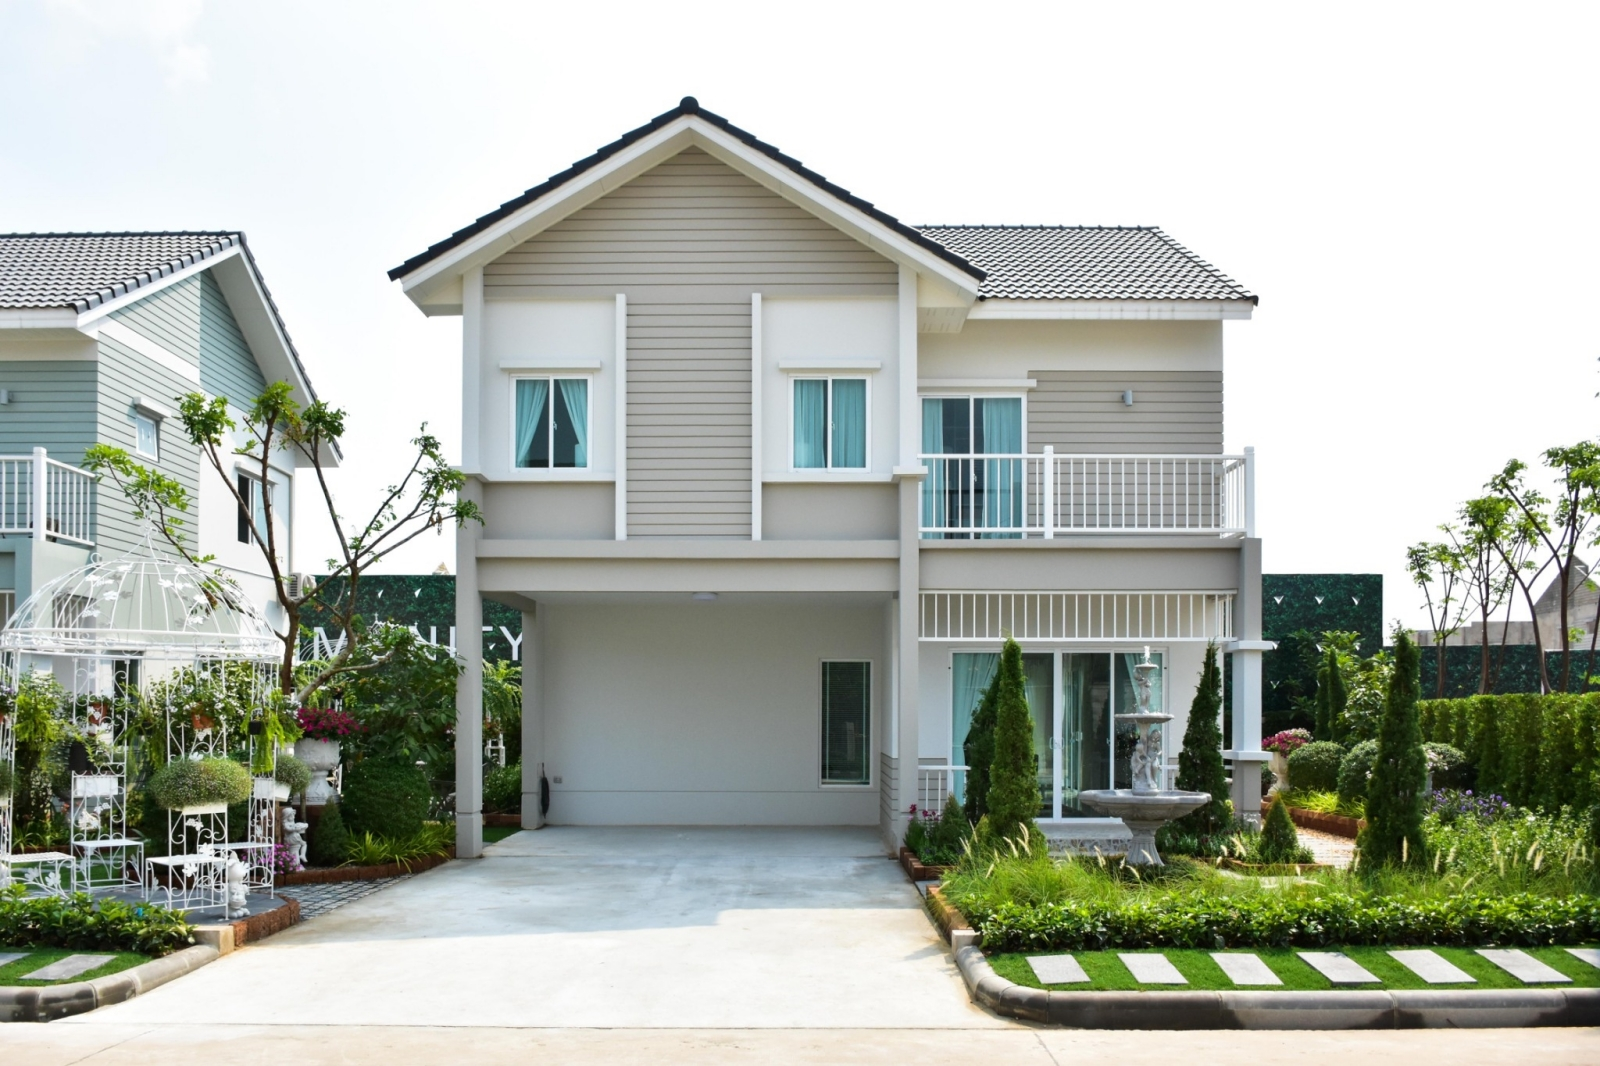 พาชมบ้านตัวอย่างแบบใหม่ Iconature พระราม 2 – เทียนทะเล บ้านเดี่ยว 2 ชั้นในซอยเทียนทะเล 19 จาก Prinsiri